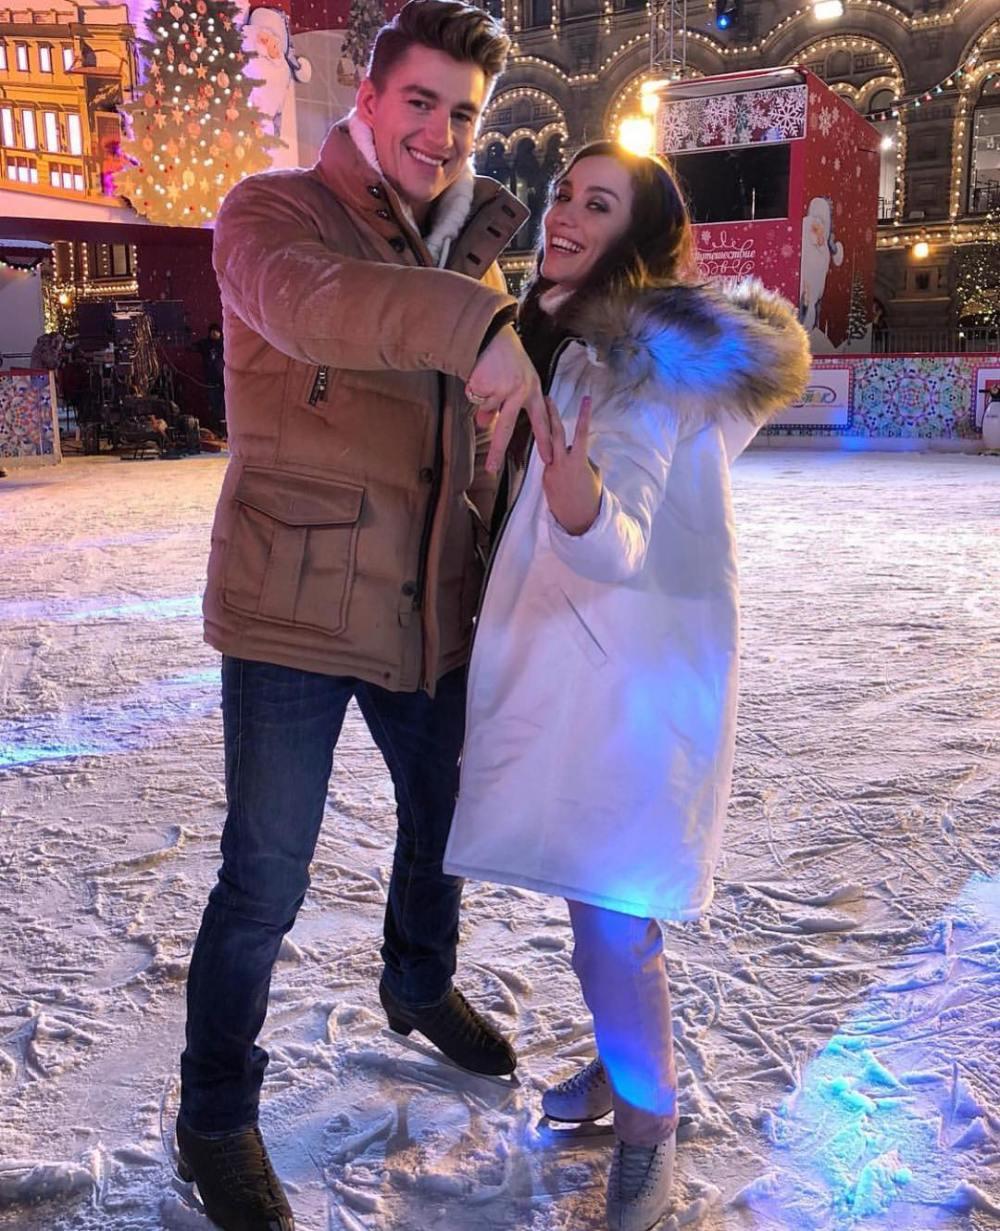 Виктория Дайнеко и Алексей Воробьев провели праздники вместе — фото